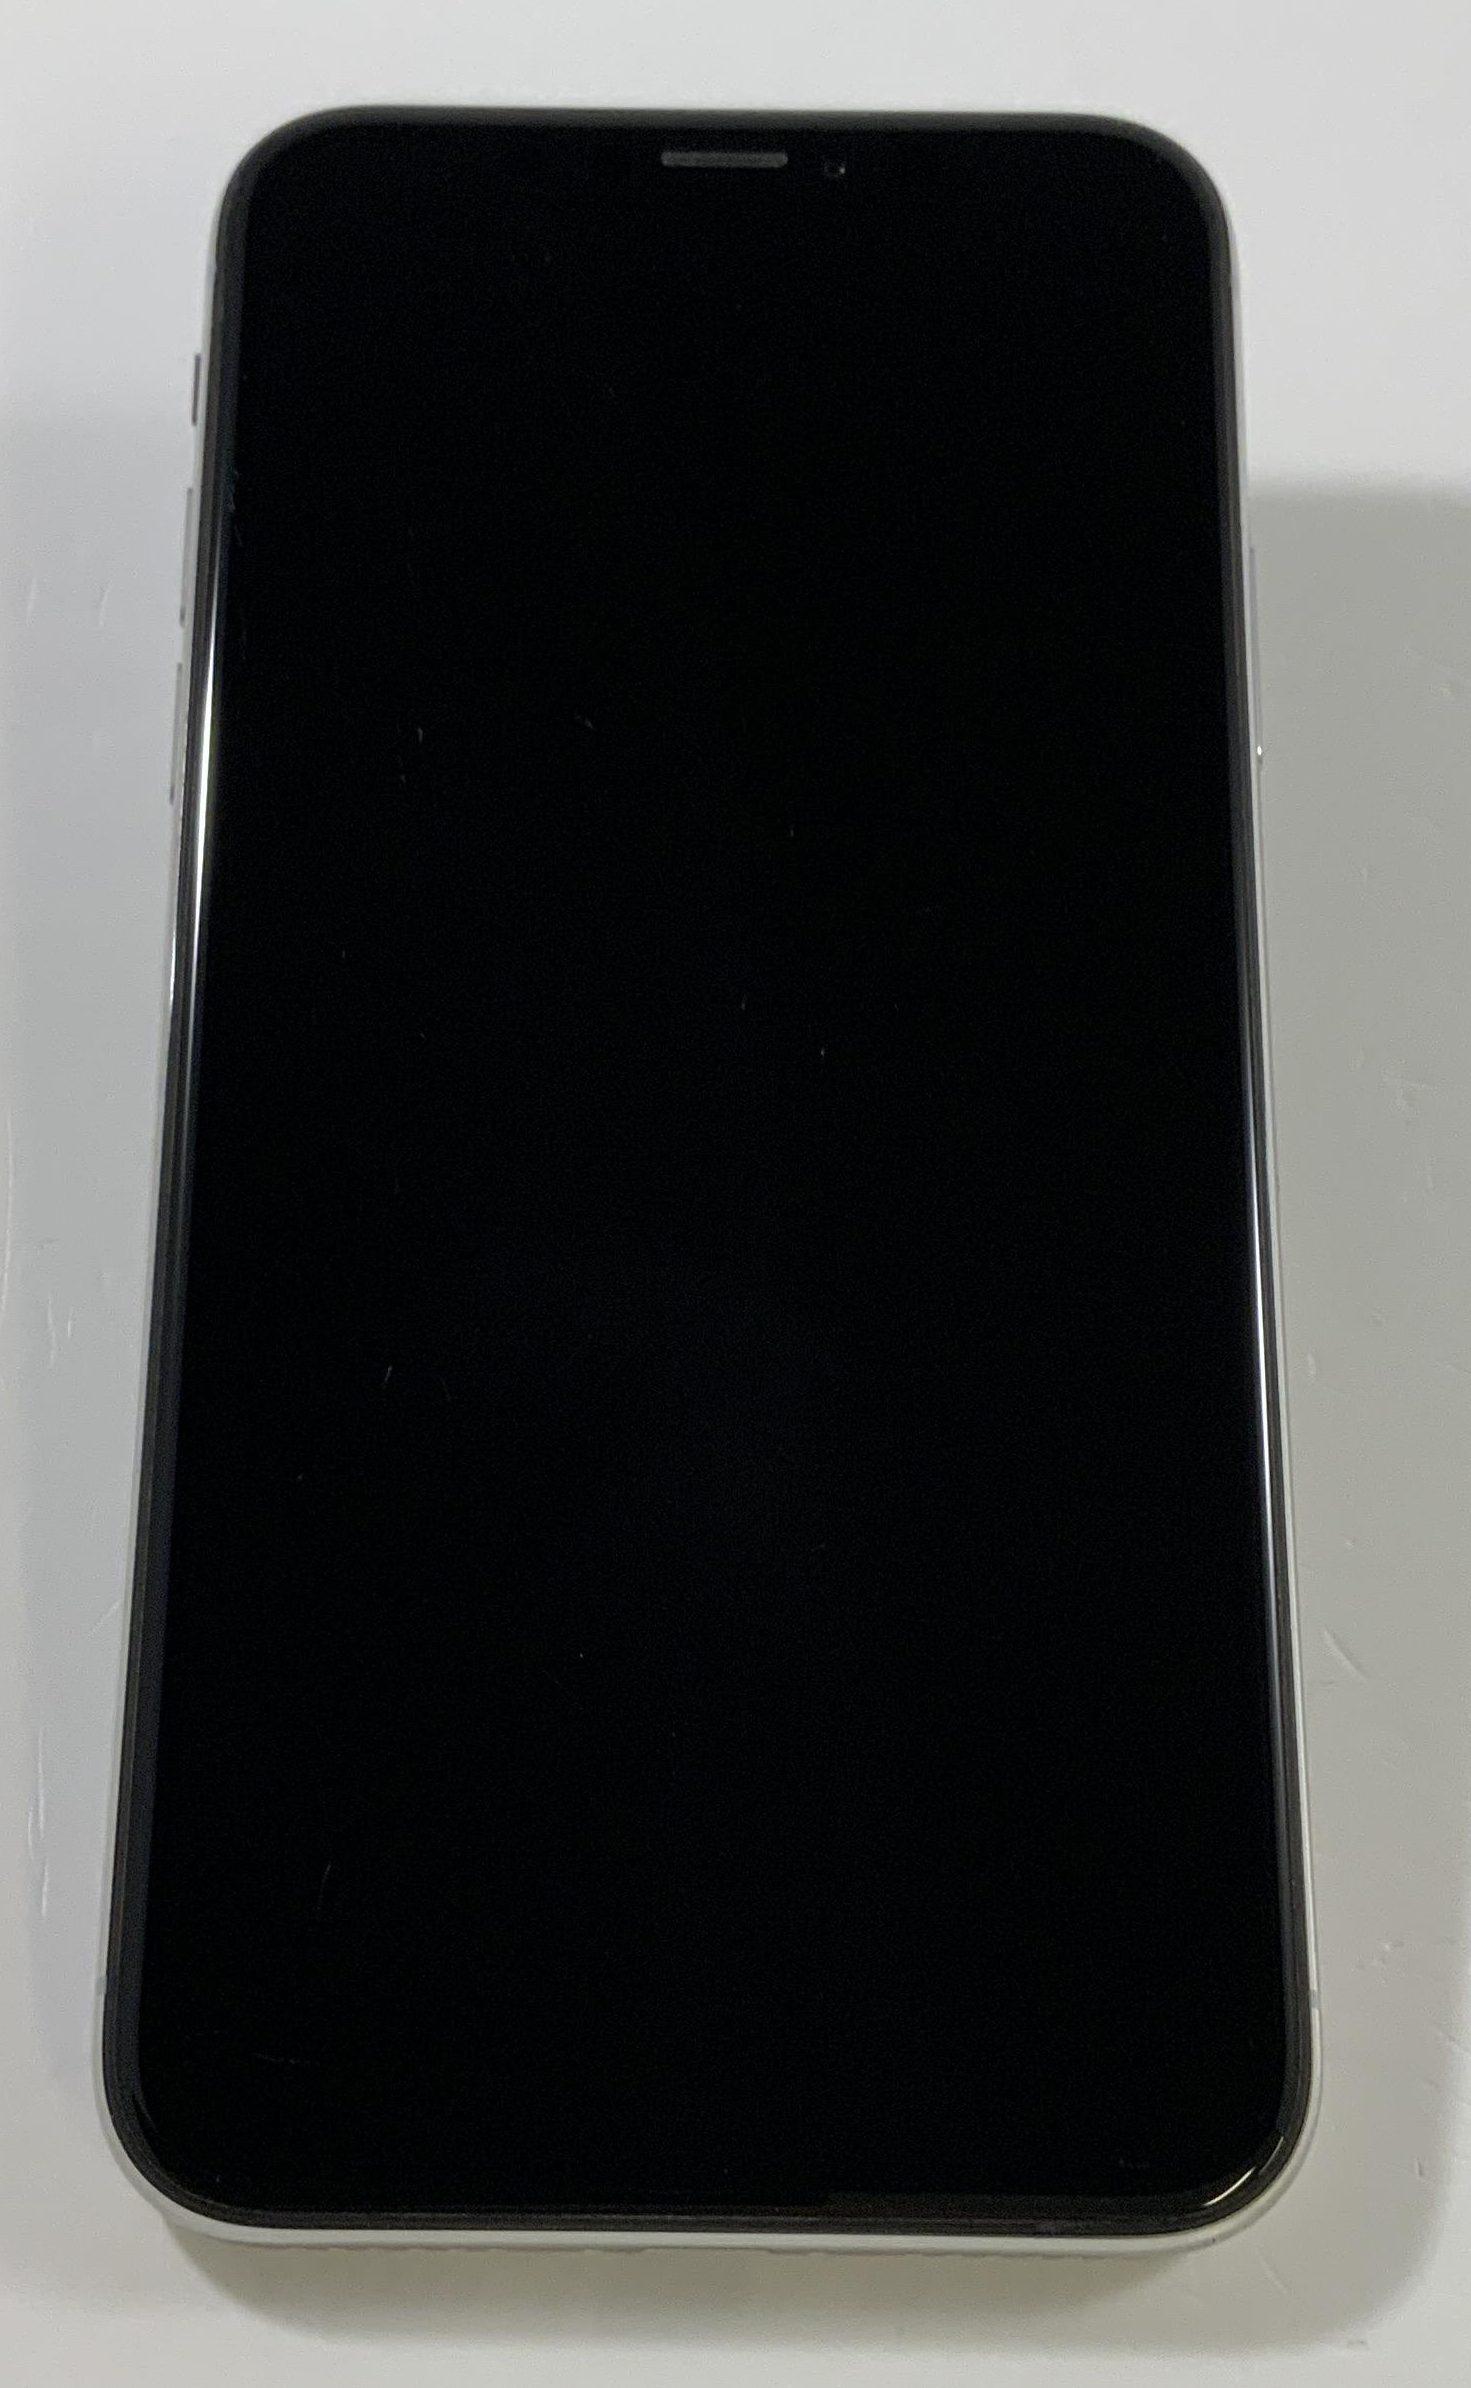 iPhone X 256GB, 256GB, Silver, Afbeelding 1